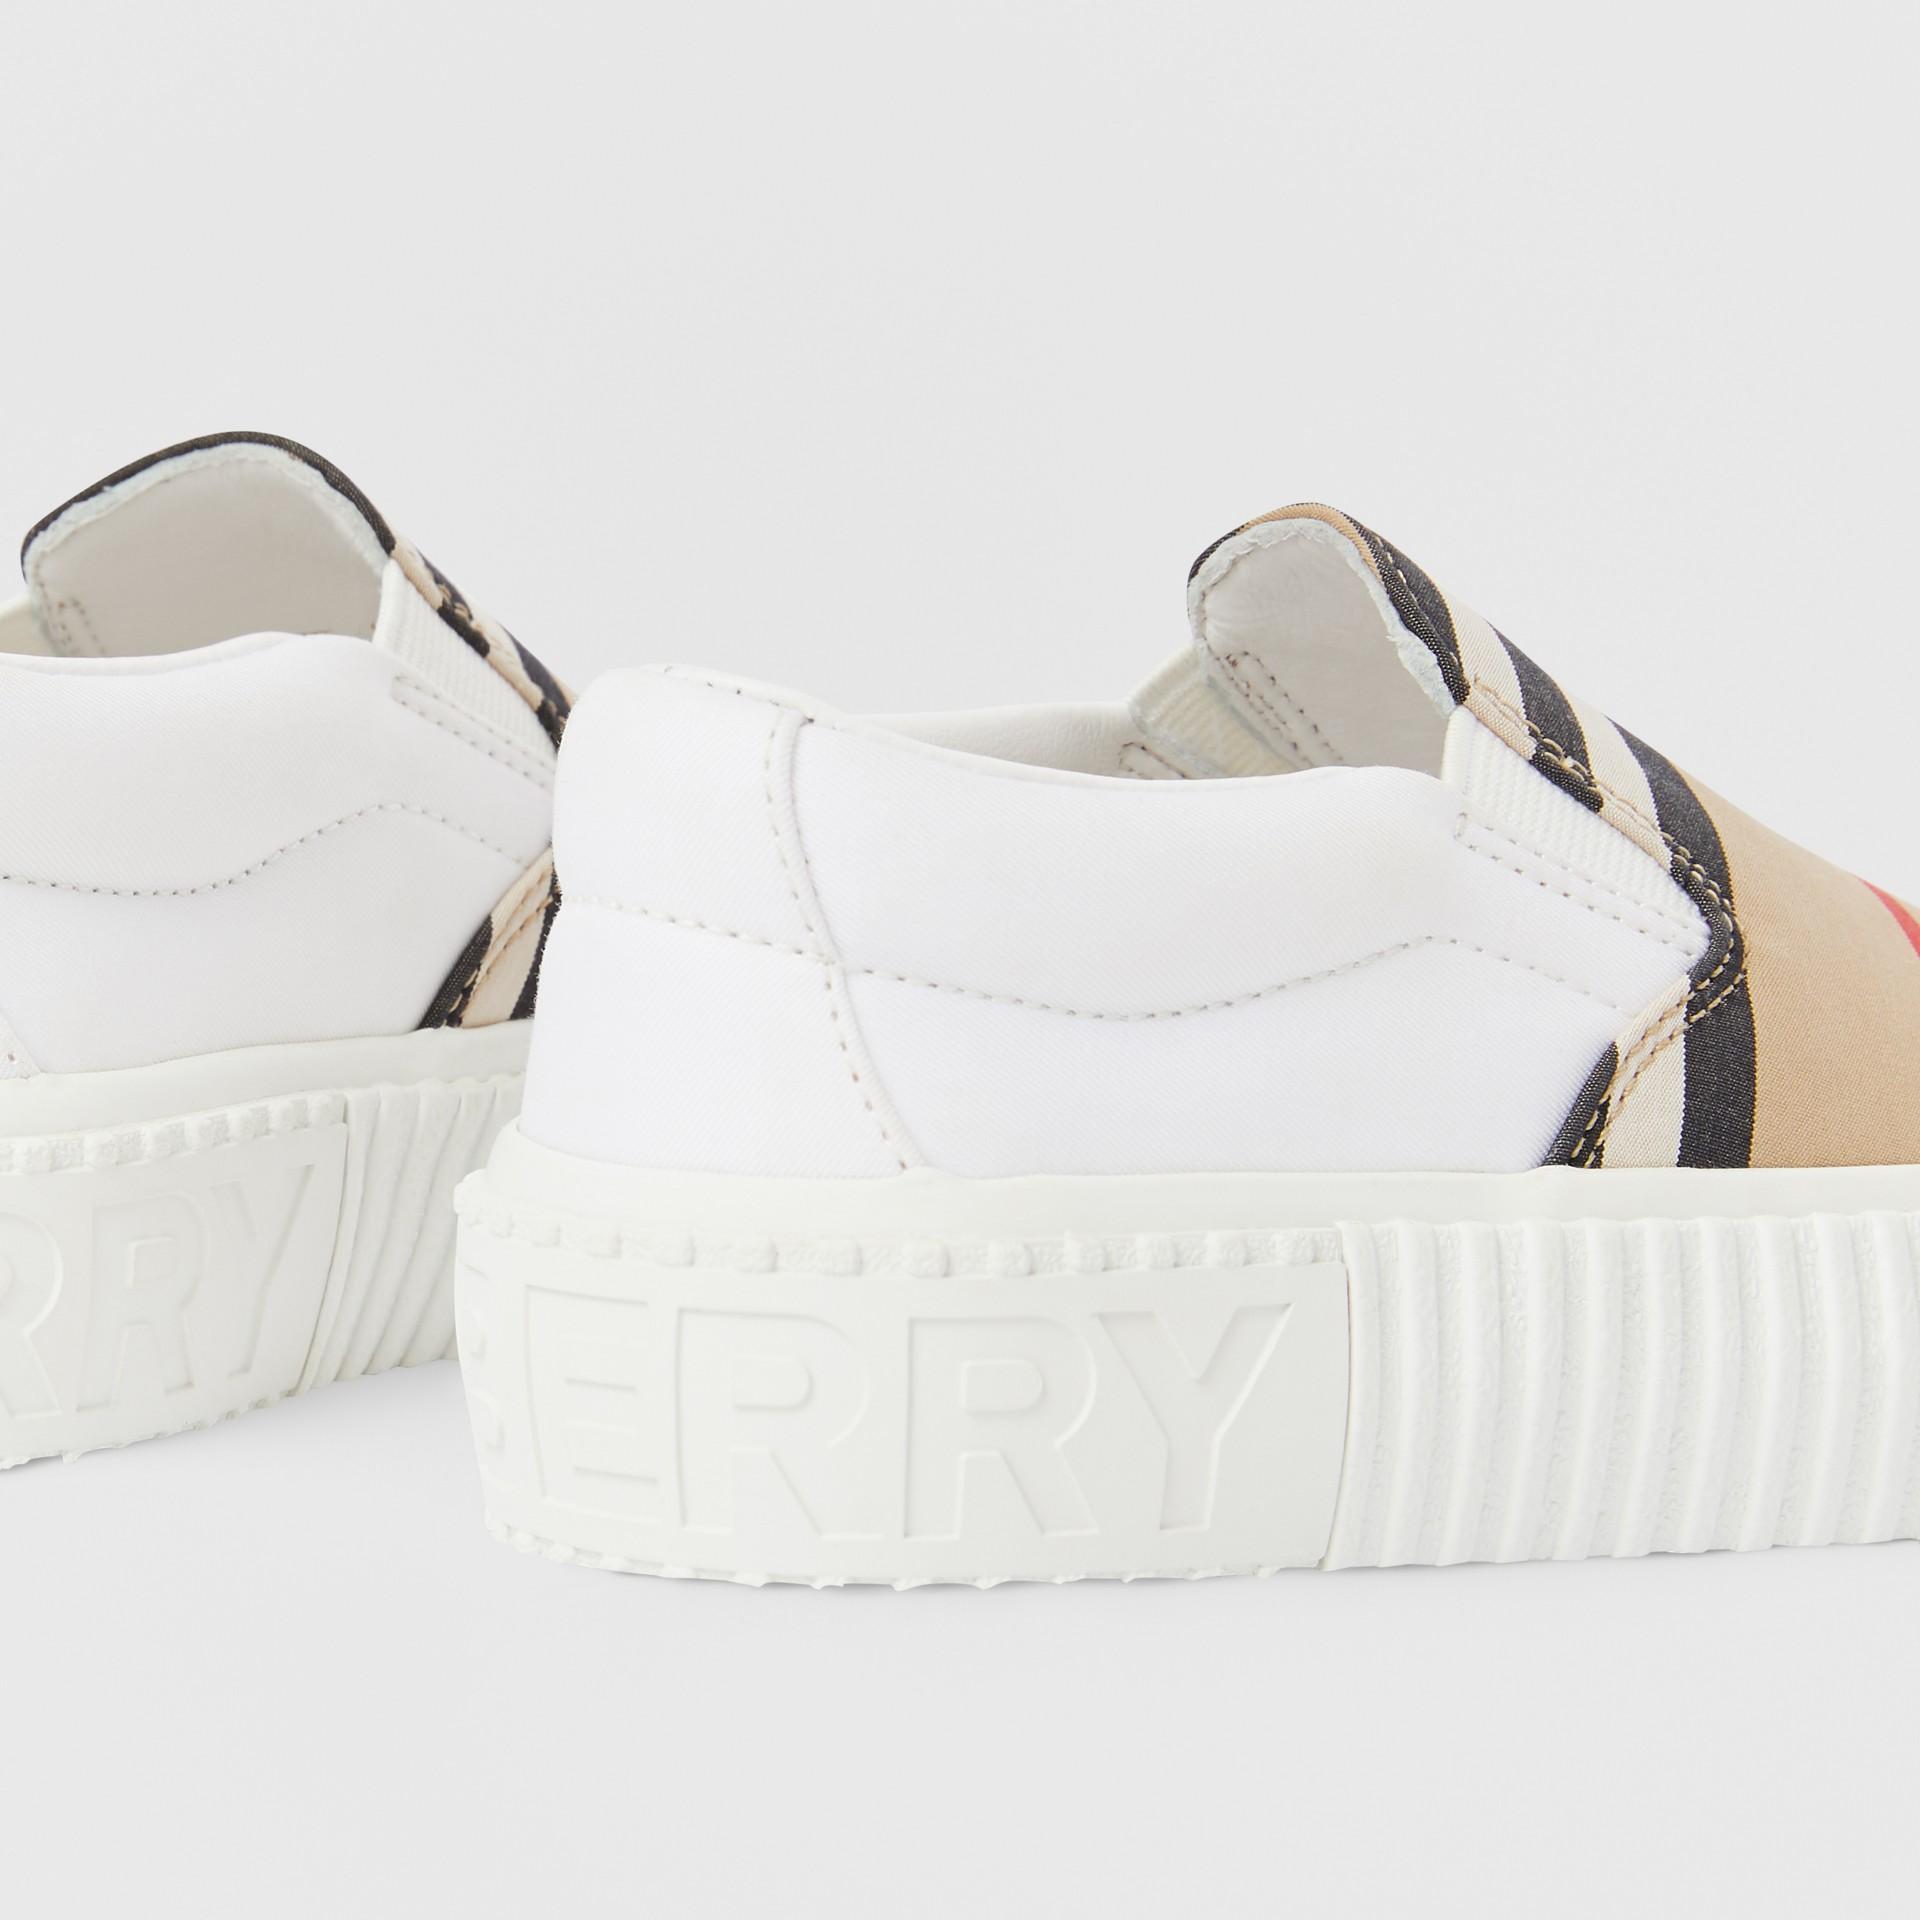 Sneakers sans lacets en coton à rayures iconiques (Beige D'archive) - Enfant | Burberry - photo de la galerie 1